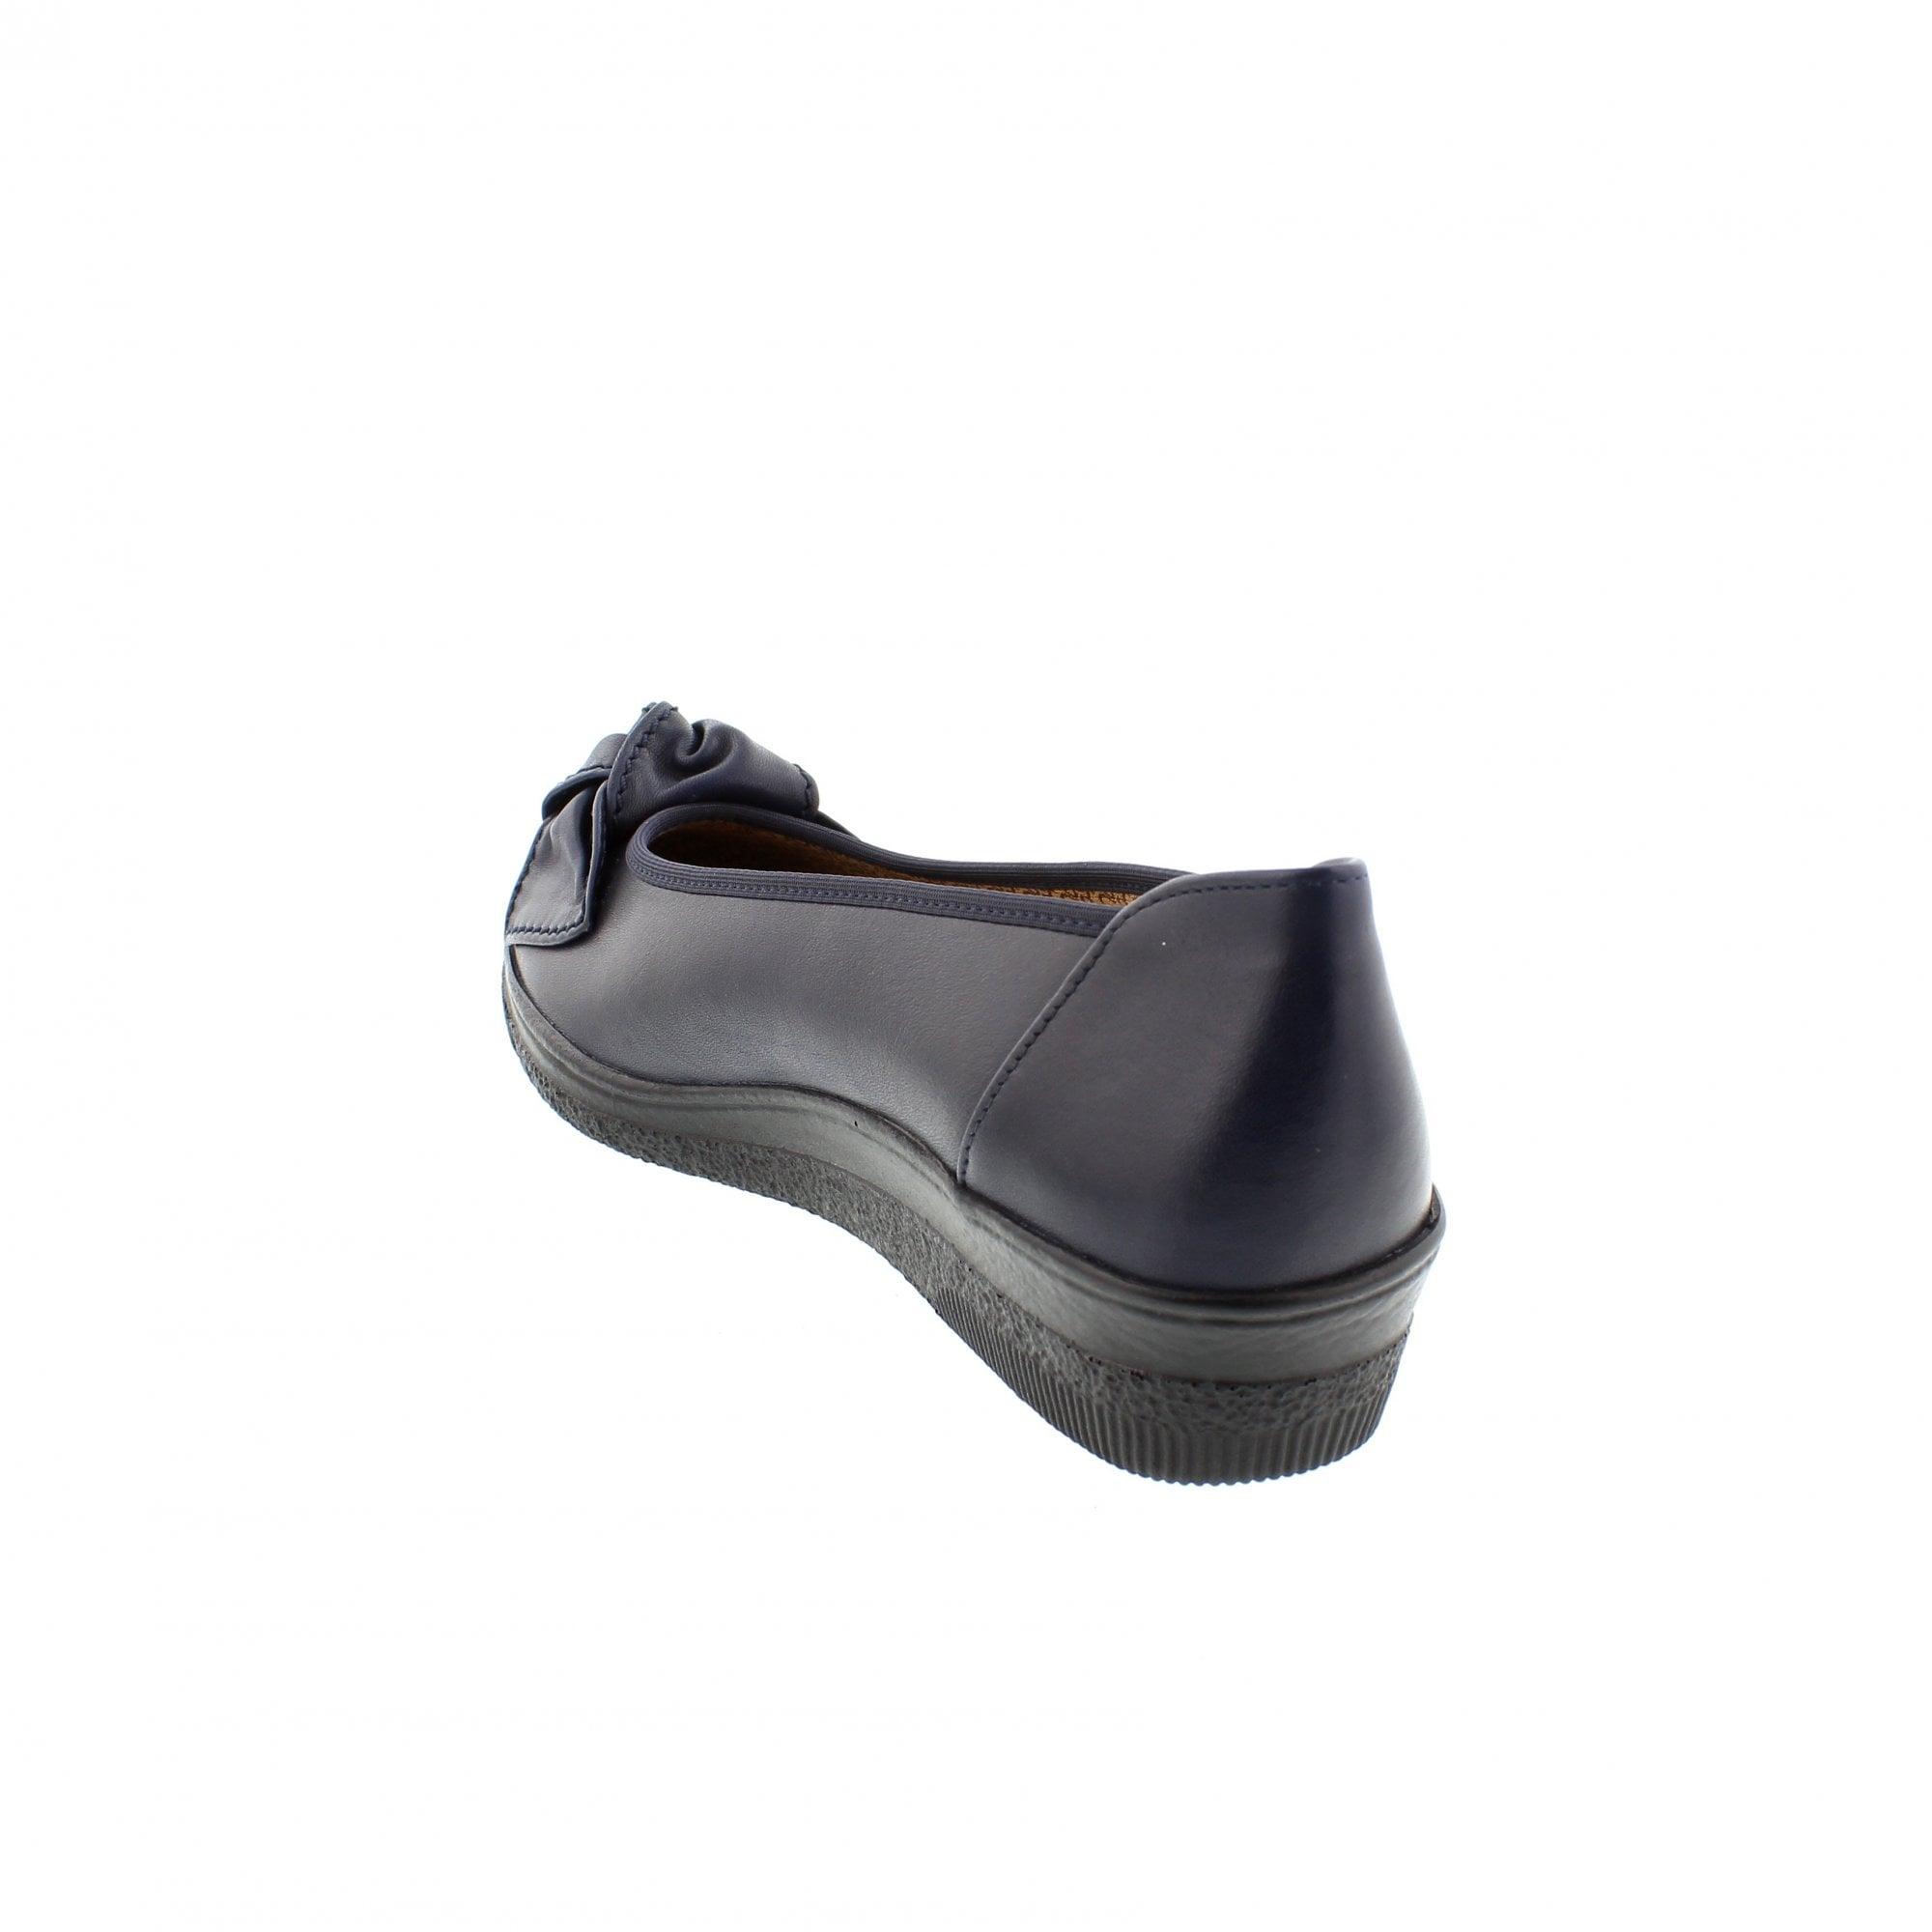 Gabor Lesley 96 56 403 56 96 Donna Pumps   Rogerson scarpe 8d368a